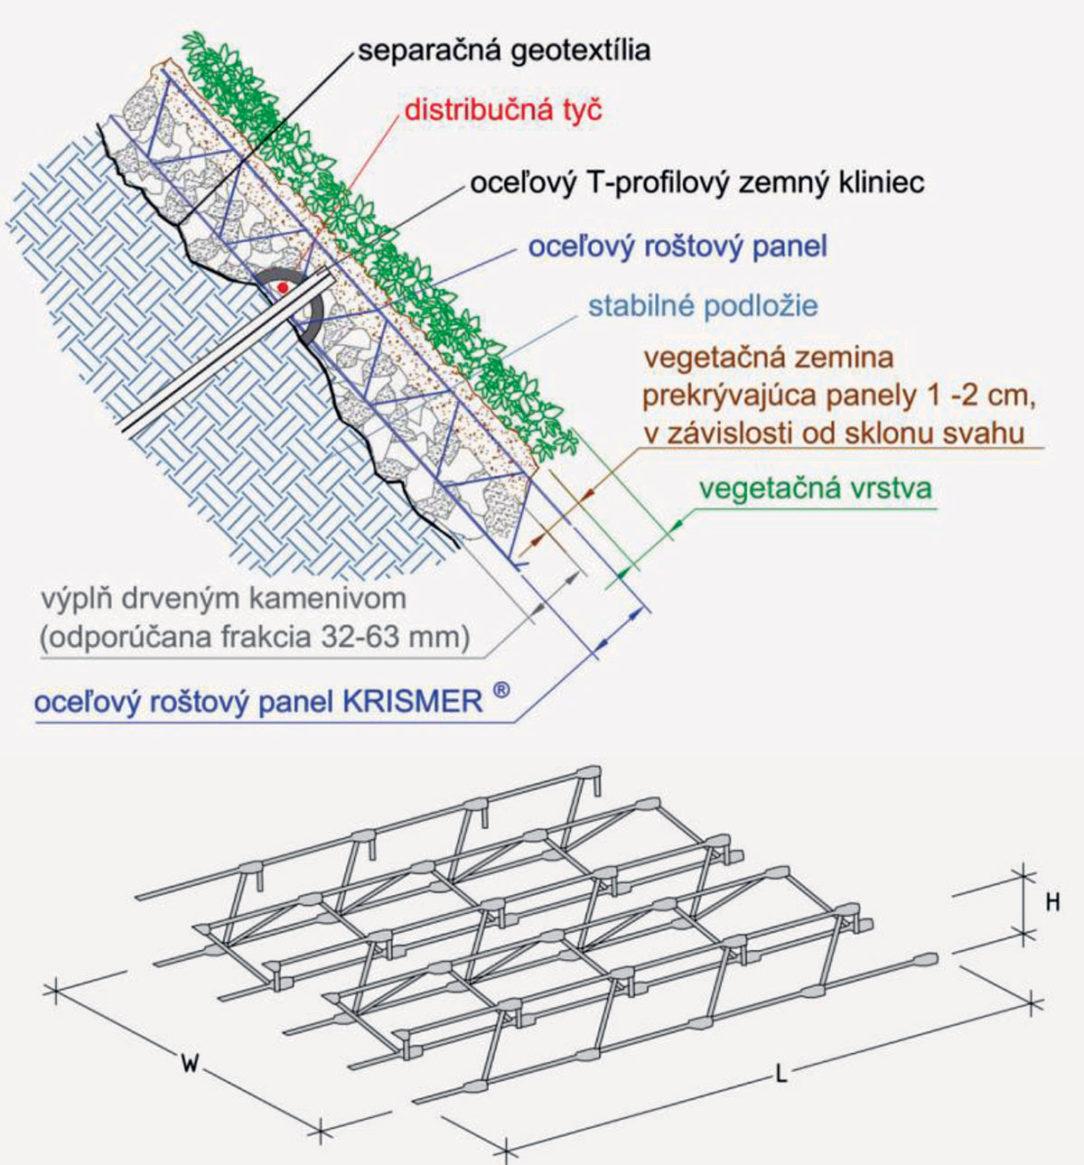 Obr. 7 Detail systému Krismer 3D